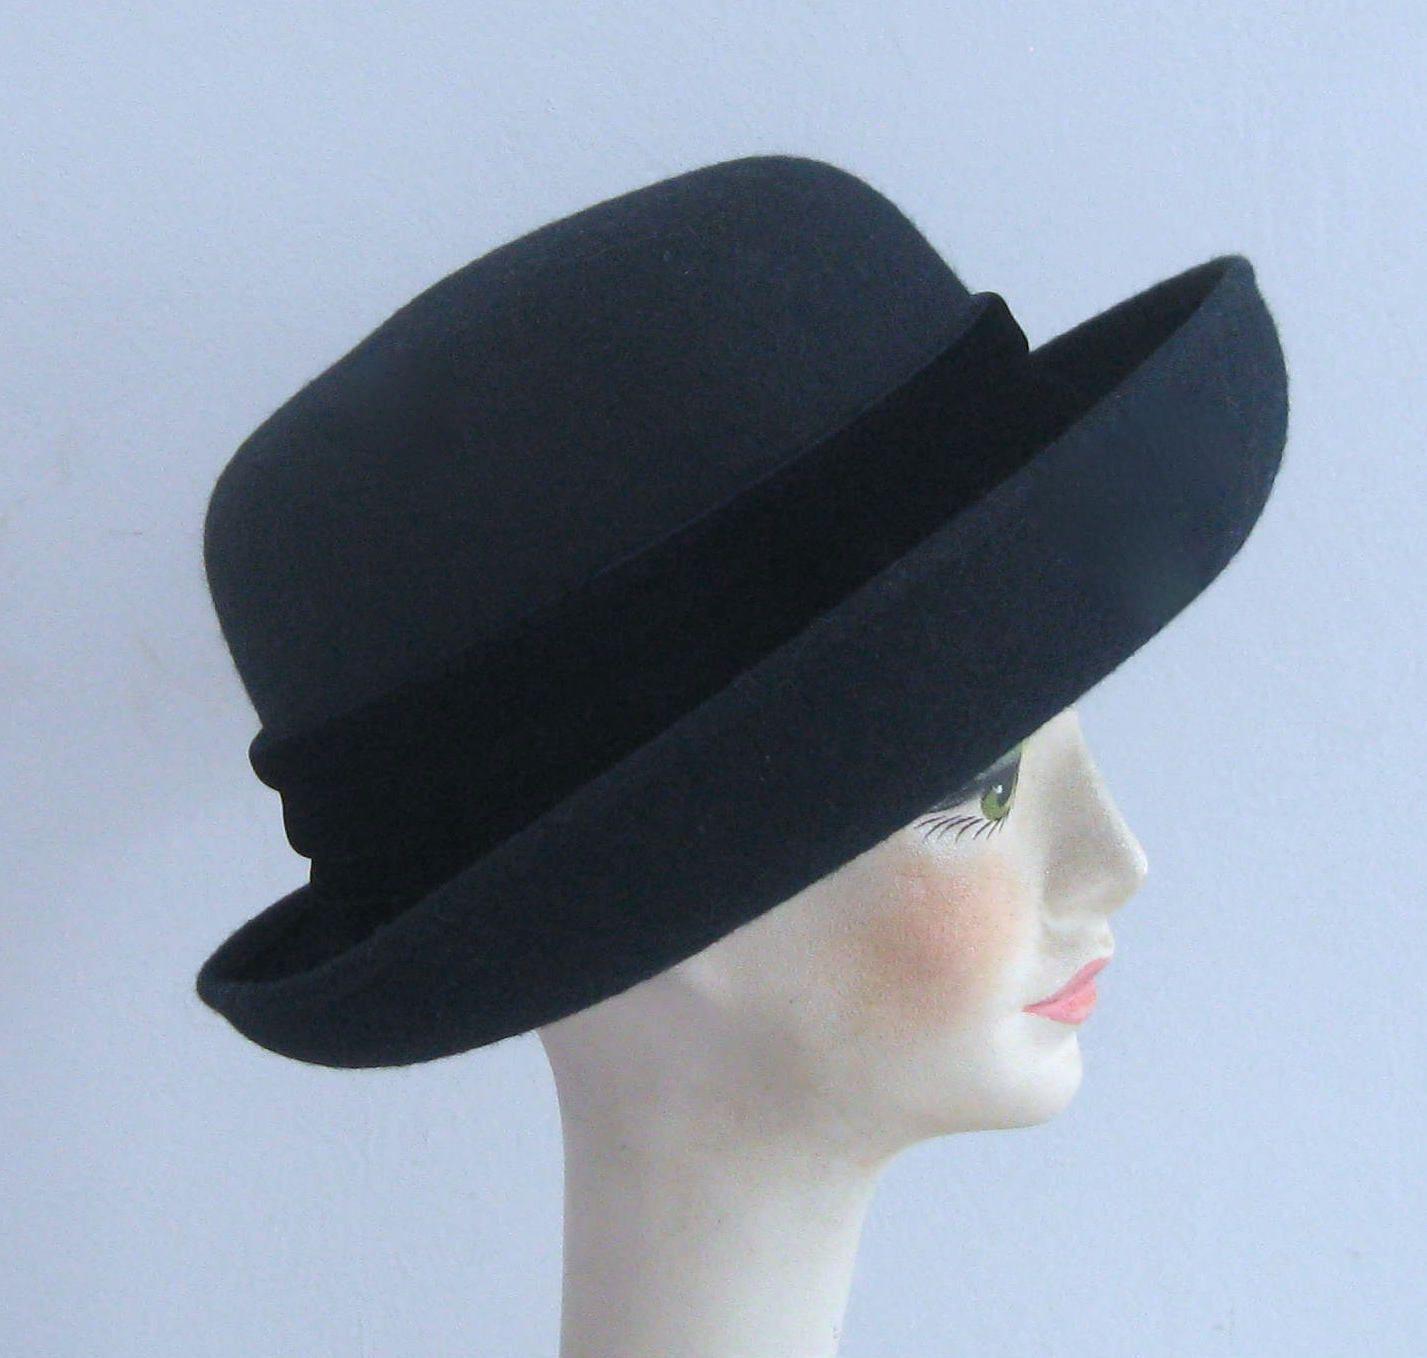 bowler hat . Madeleine hat . midnight blue hat midnight blue felt hat .  blue bowler hat by vintagous on Etsy 394ce810743